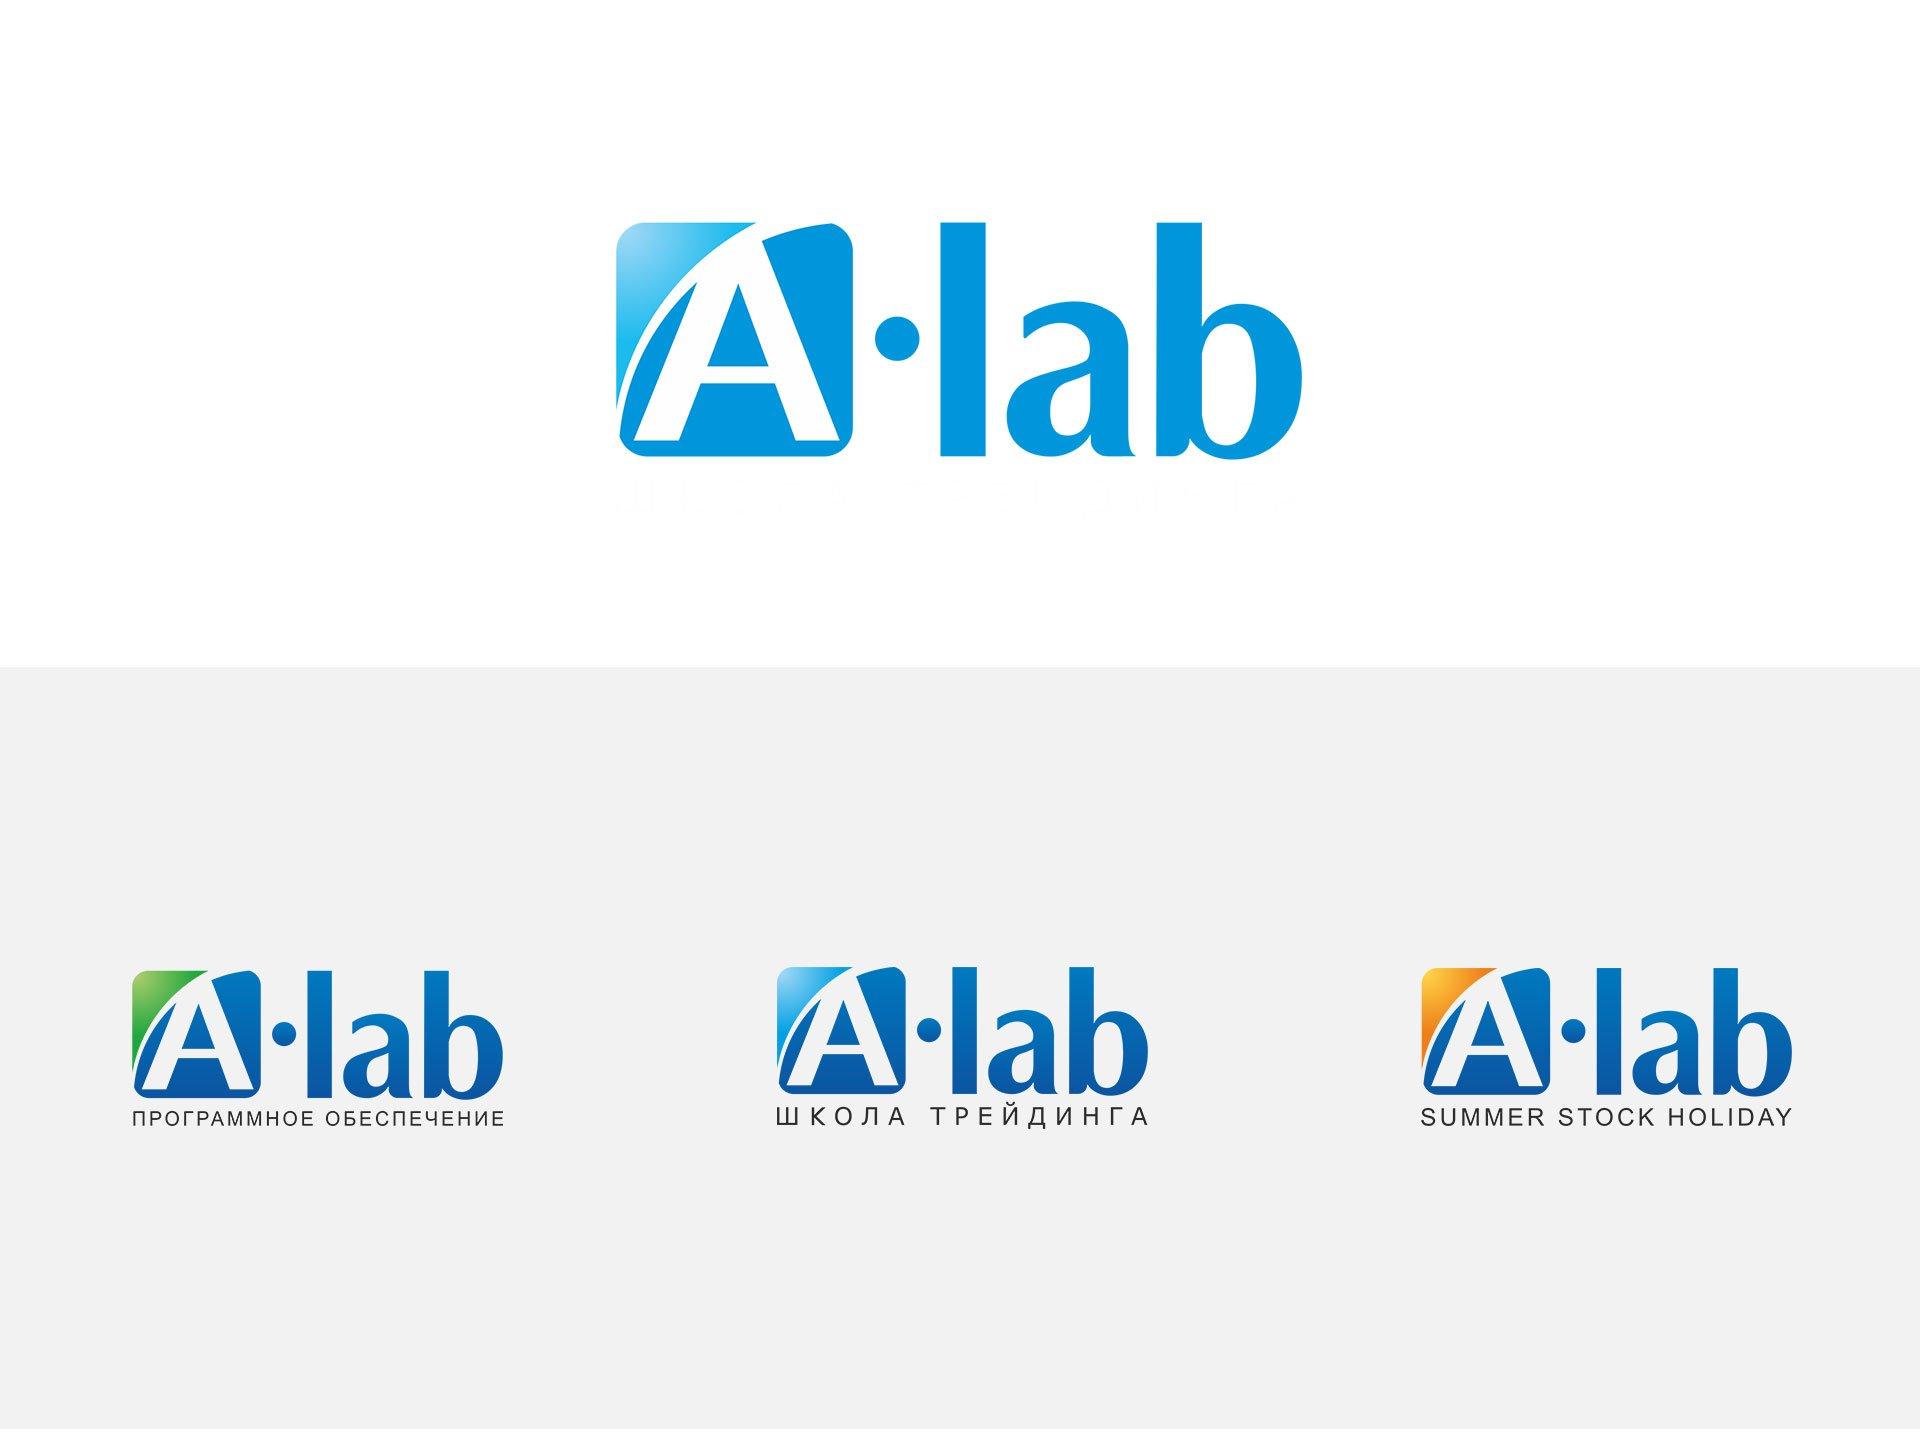 A-lab-01